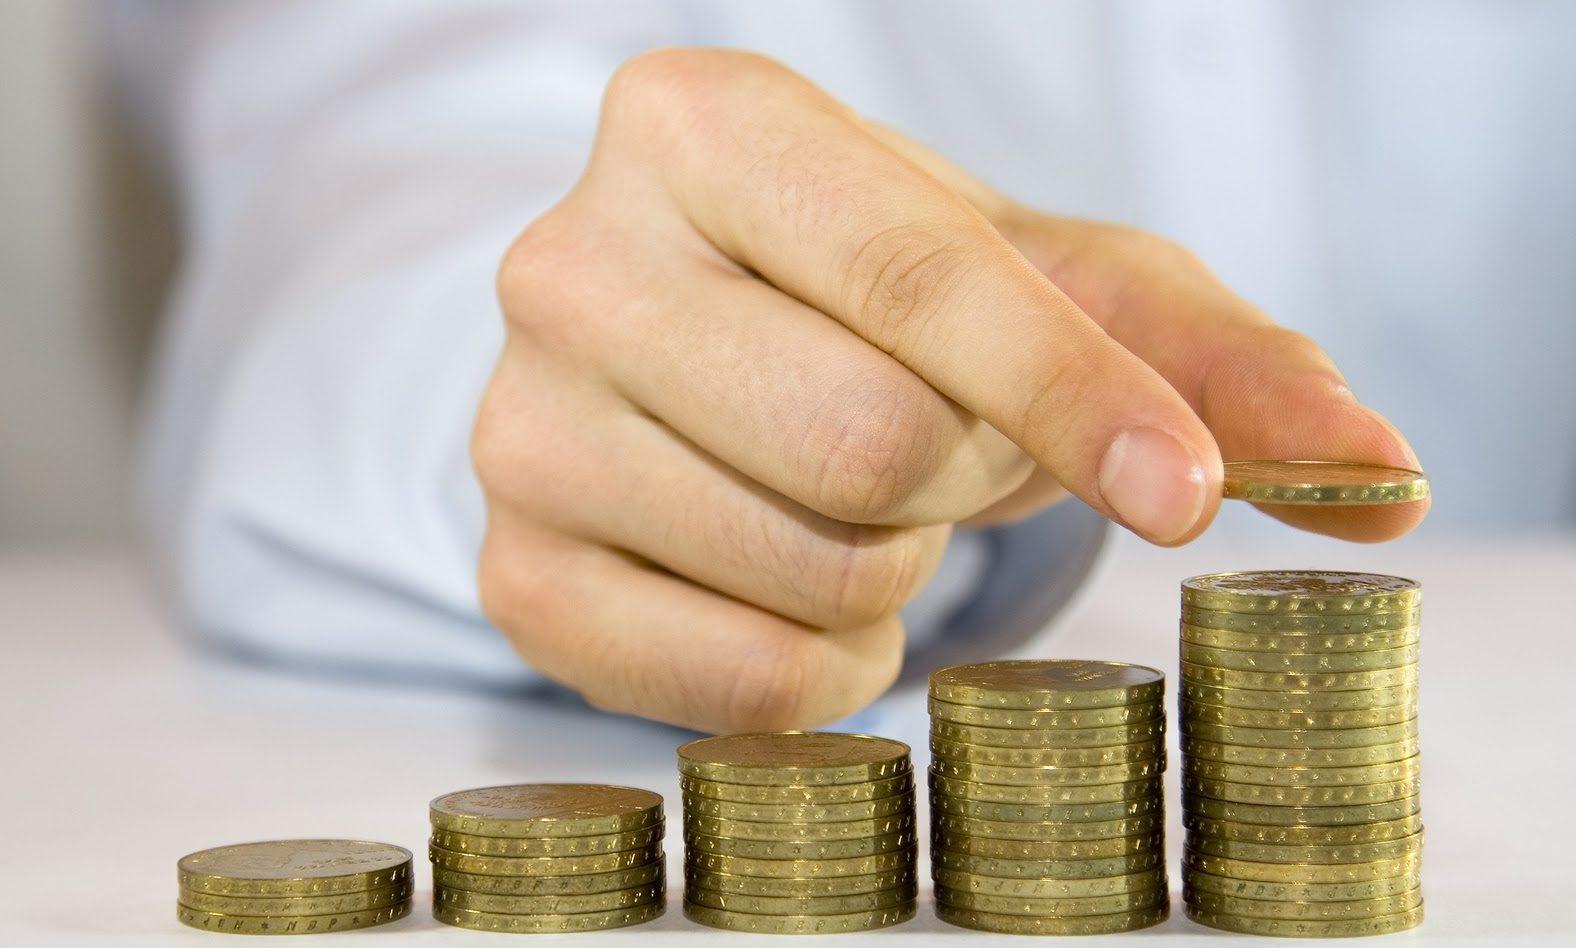 hogyan lehet nagy pénzt keresni a semmiből kiindulva)